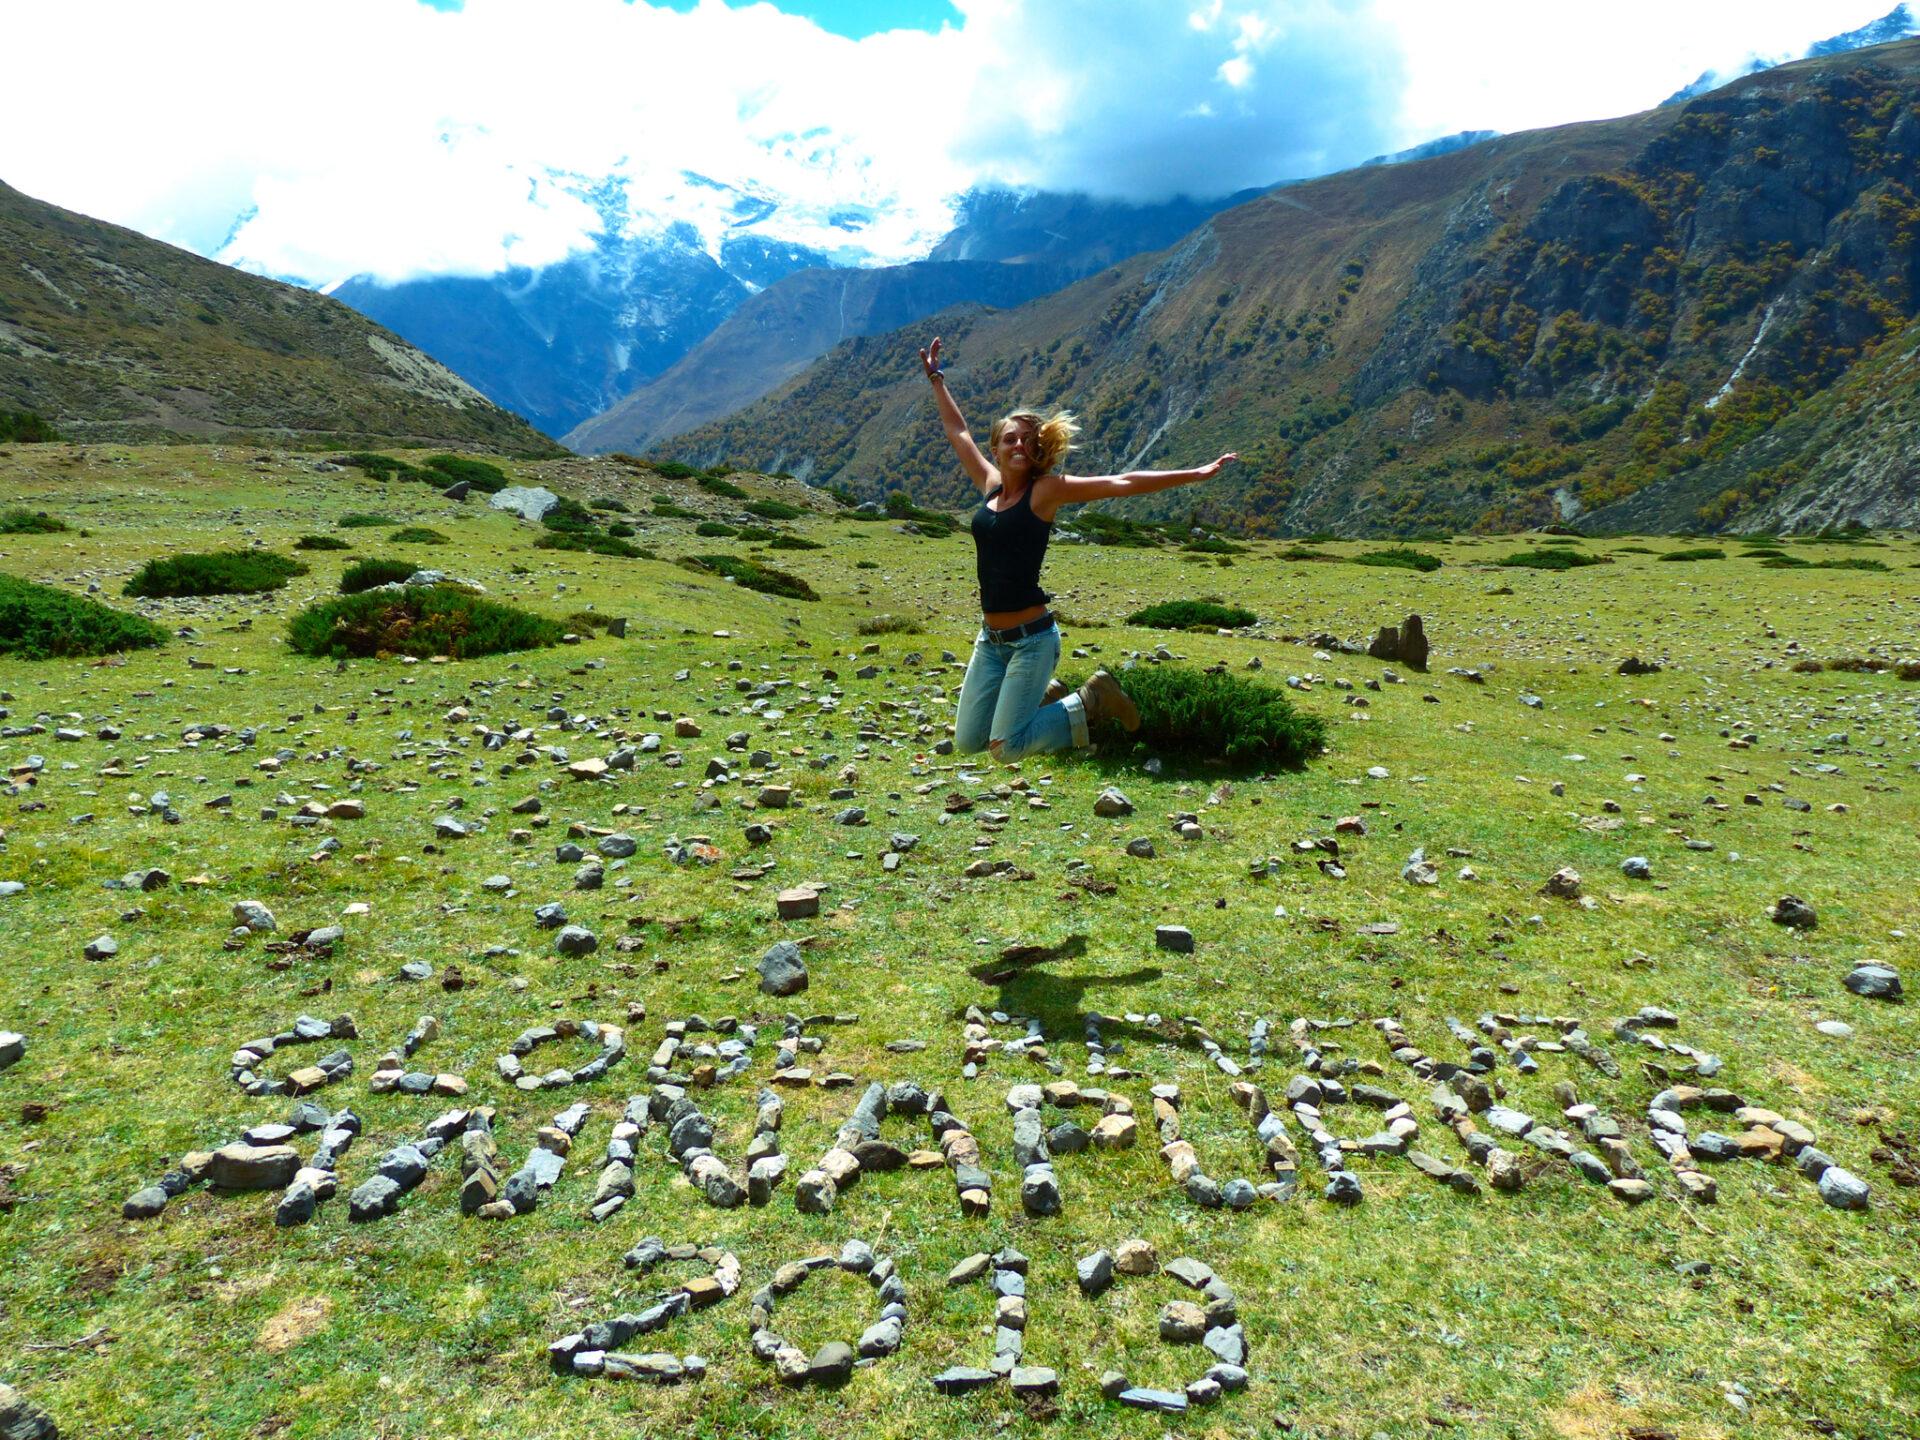 Fille d'Aventures sur le trek des Annapurnas